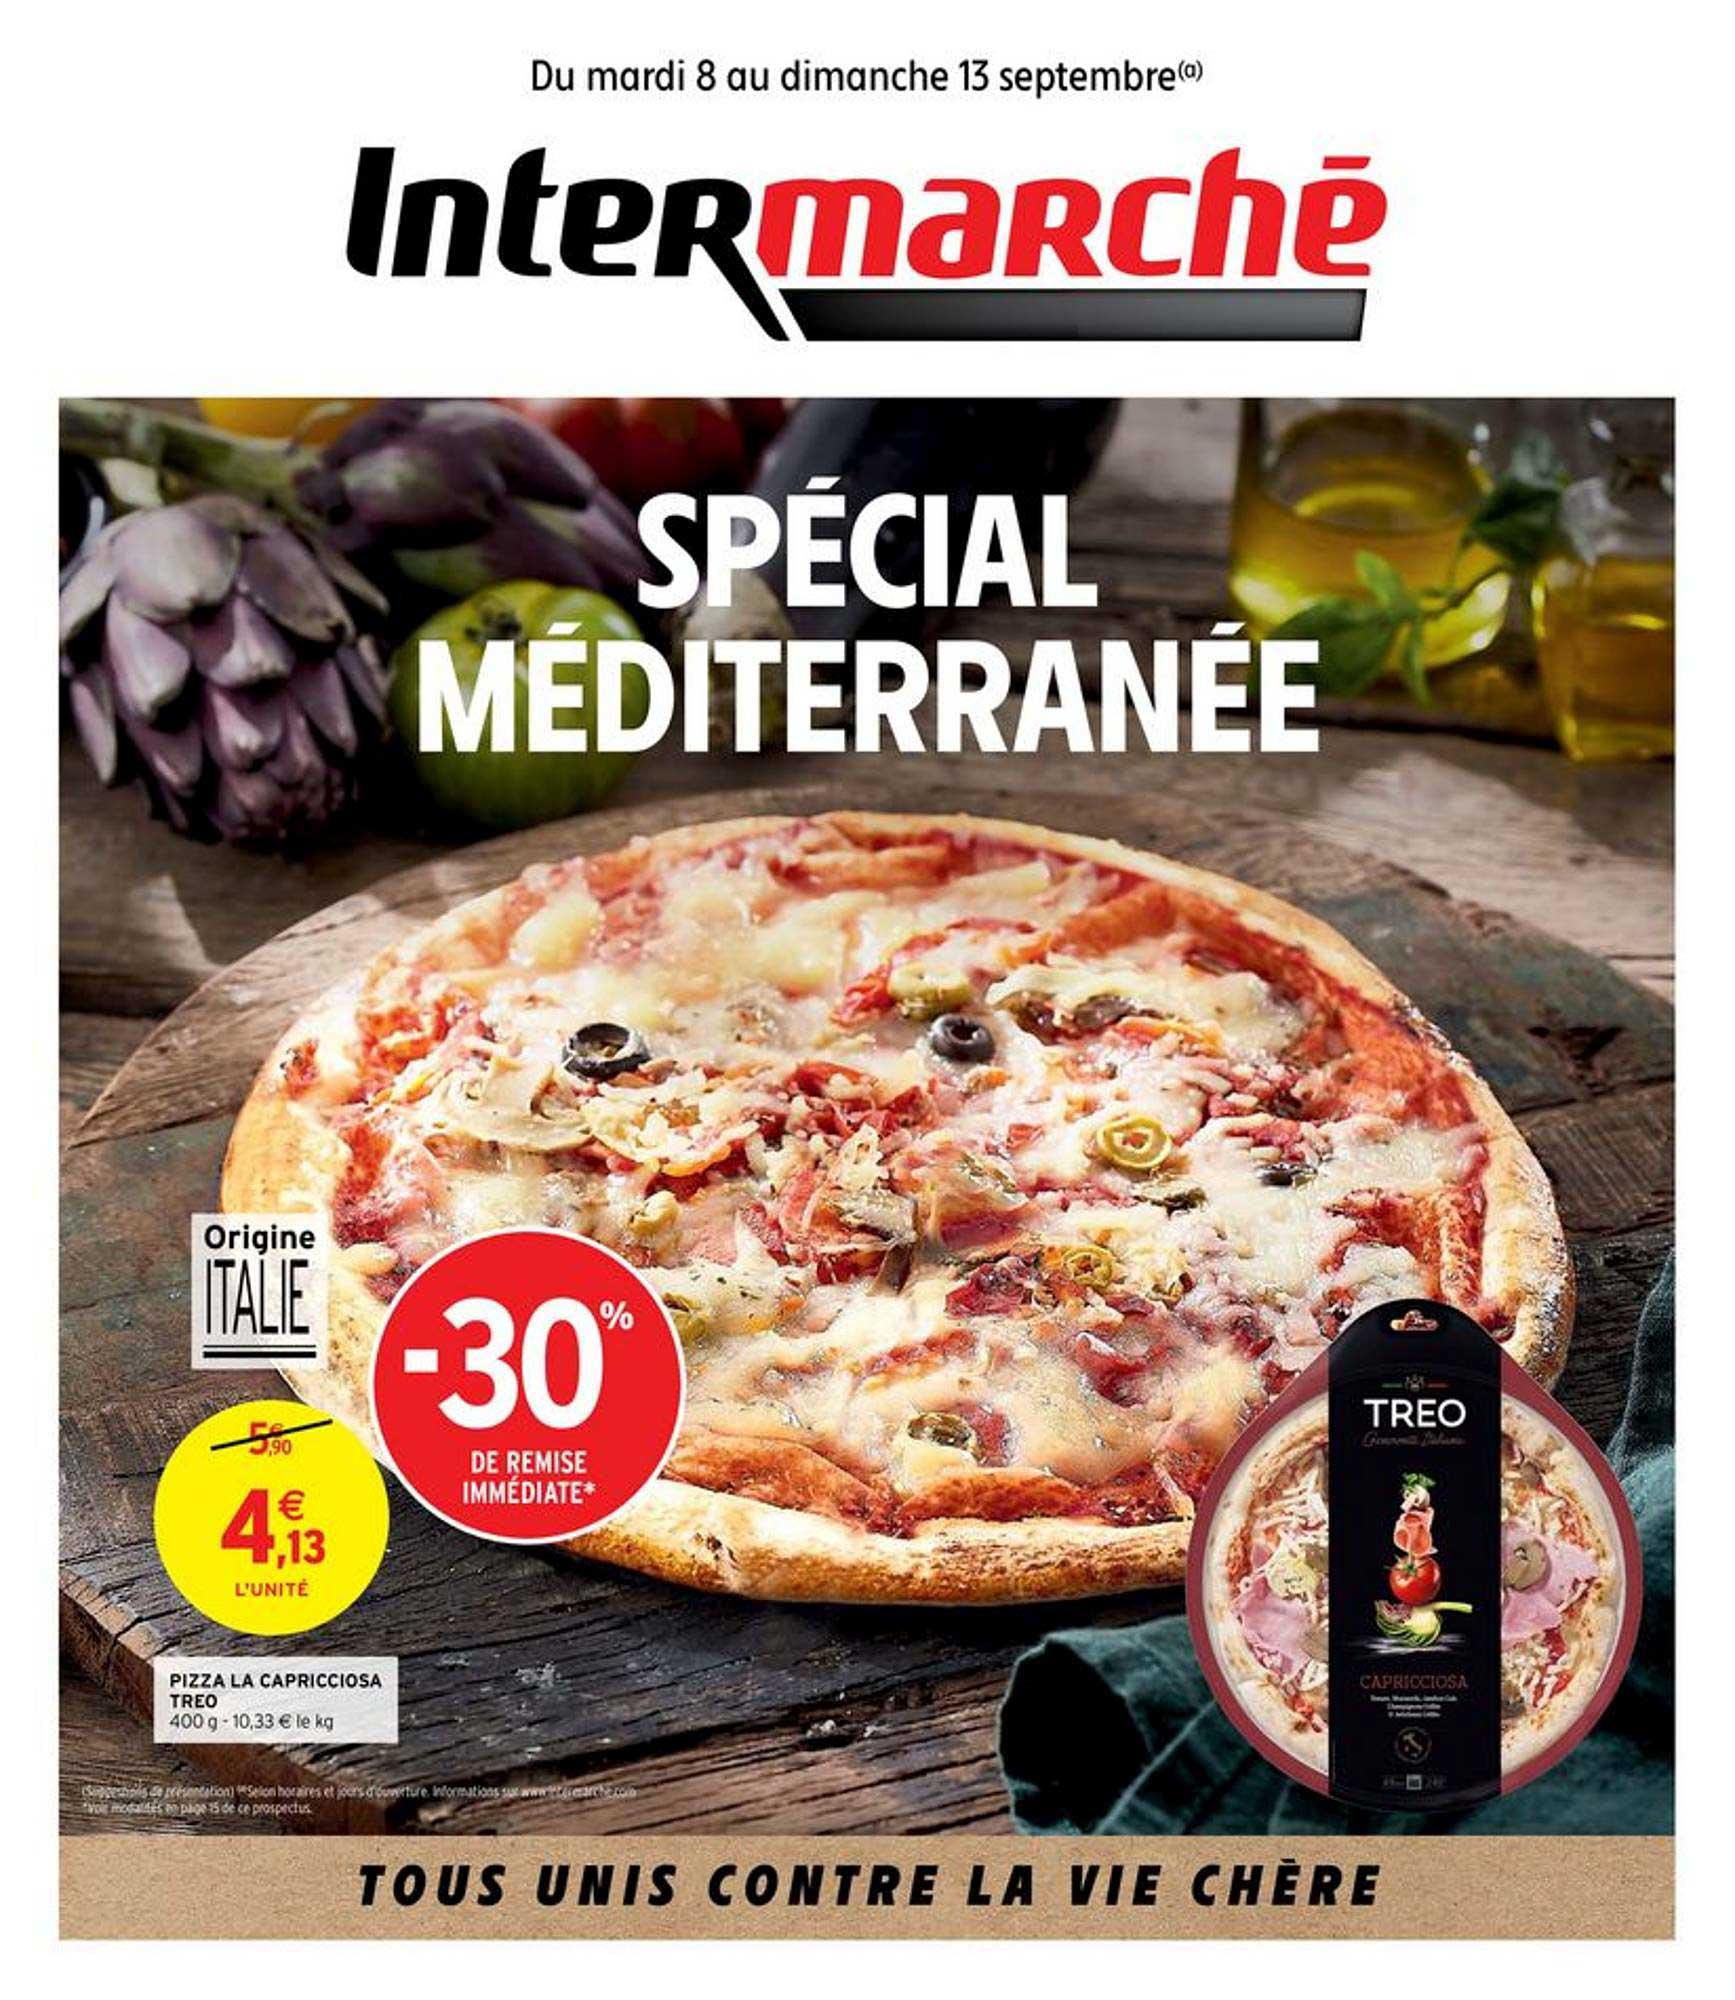 Intermarché Pizza La Capricciosa Treo